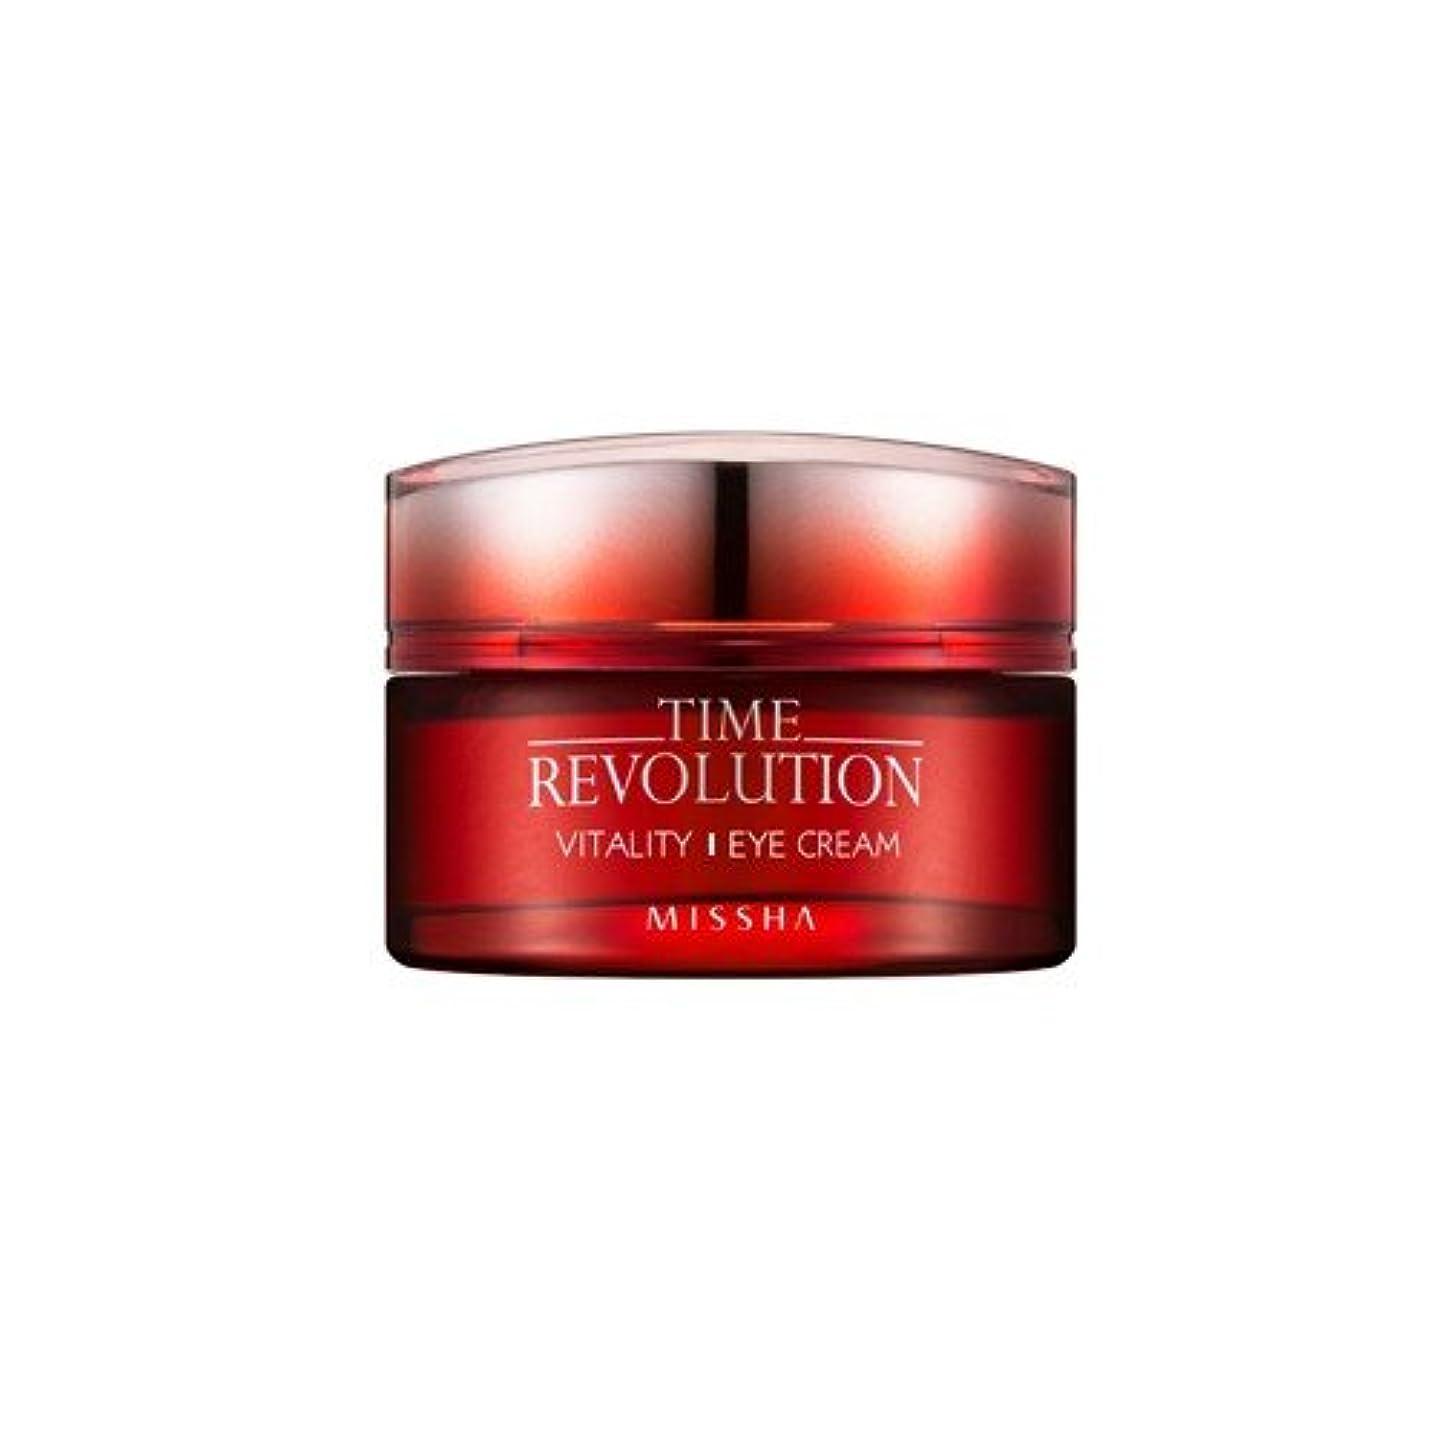 細菌報復ストロークMISSHA time revolution vitality eye cream (ミシャ タイムレボリューション バイタリティー アイクリーム)25ml